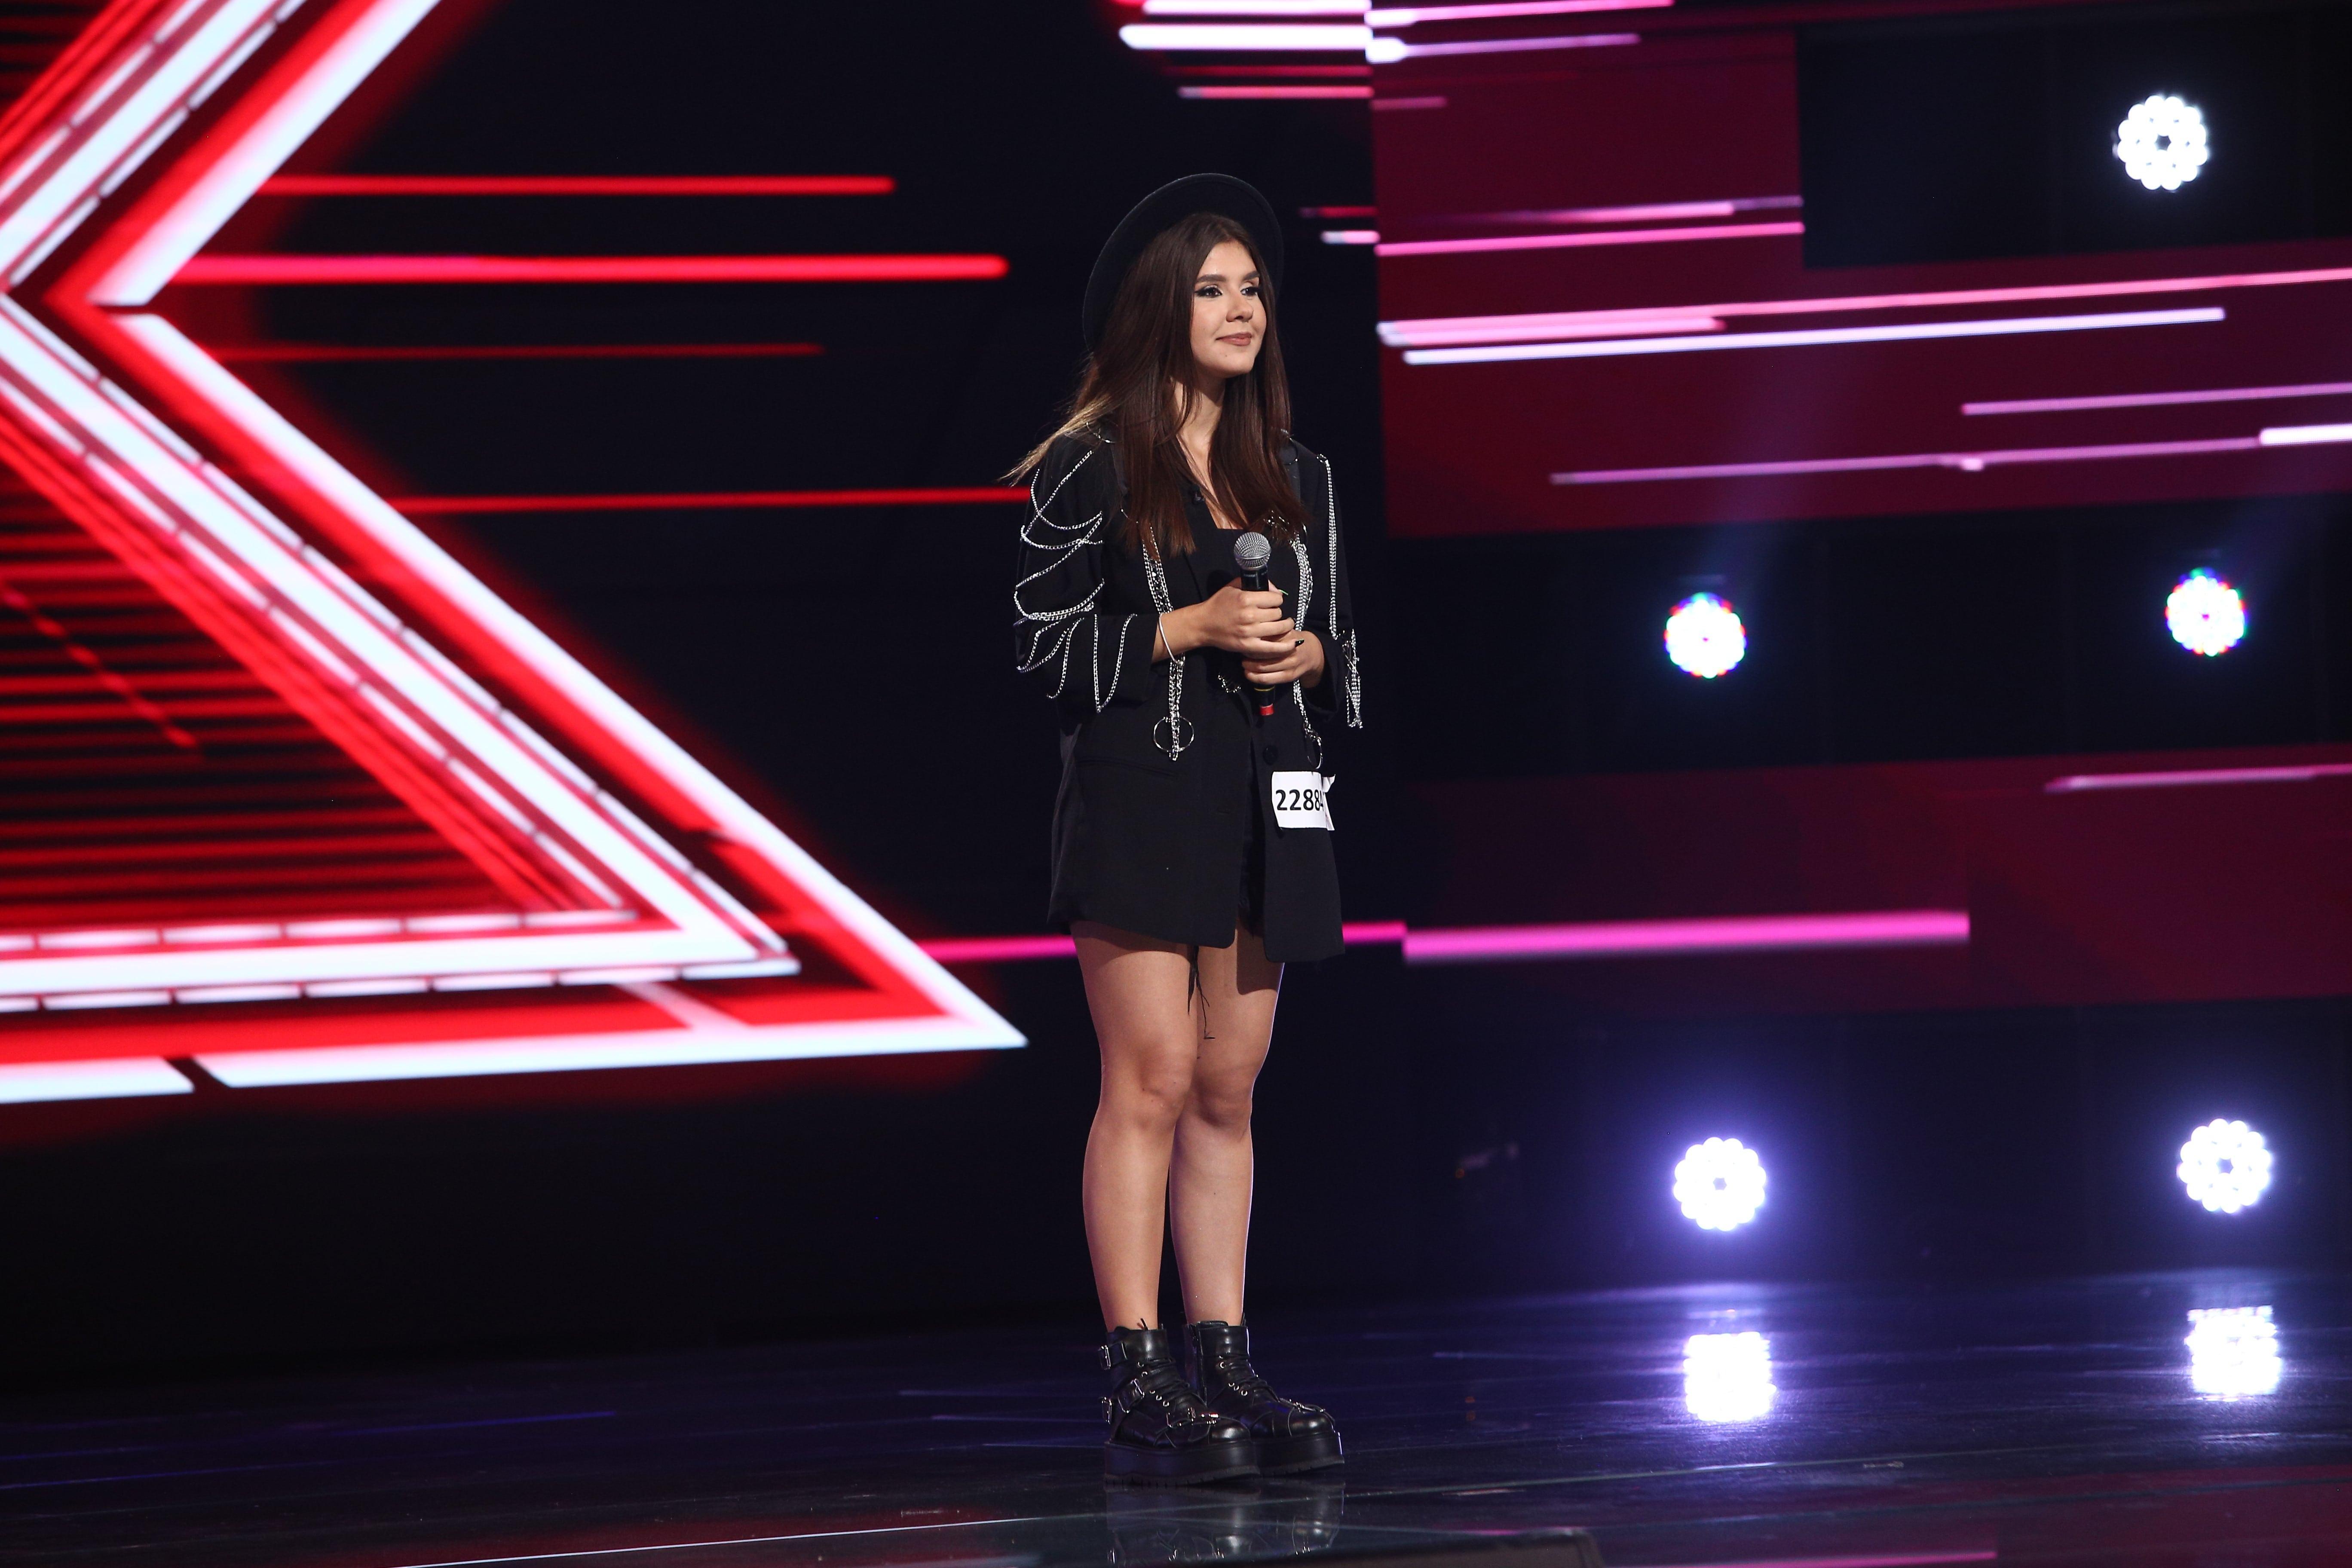 """X Factor 2021, 22 octombrie. Ana Maria Mustia a interpretat piesa """"Le parole lontane"""" și nu i-a cauzat deloc probleme"""